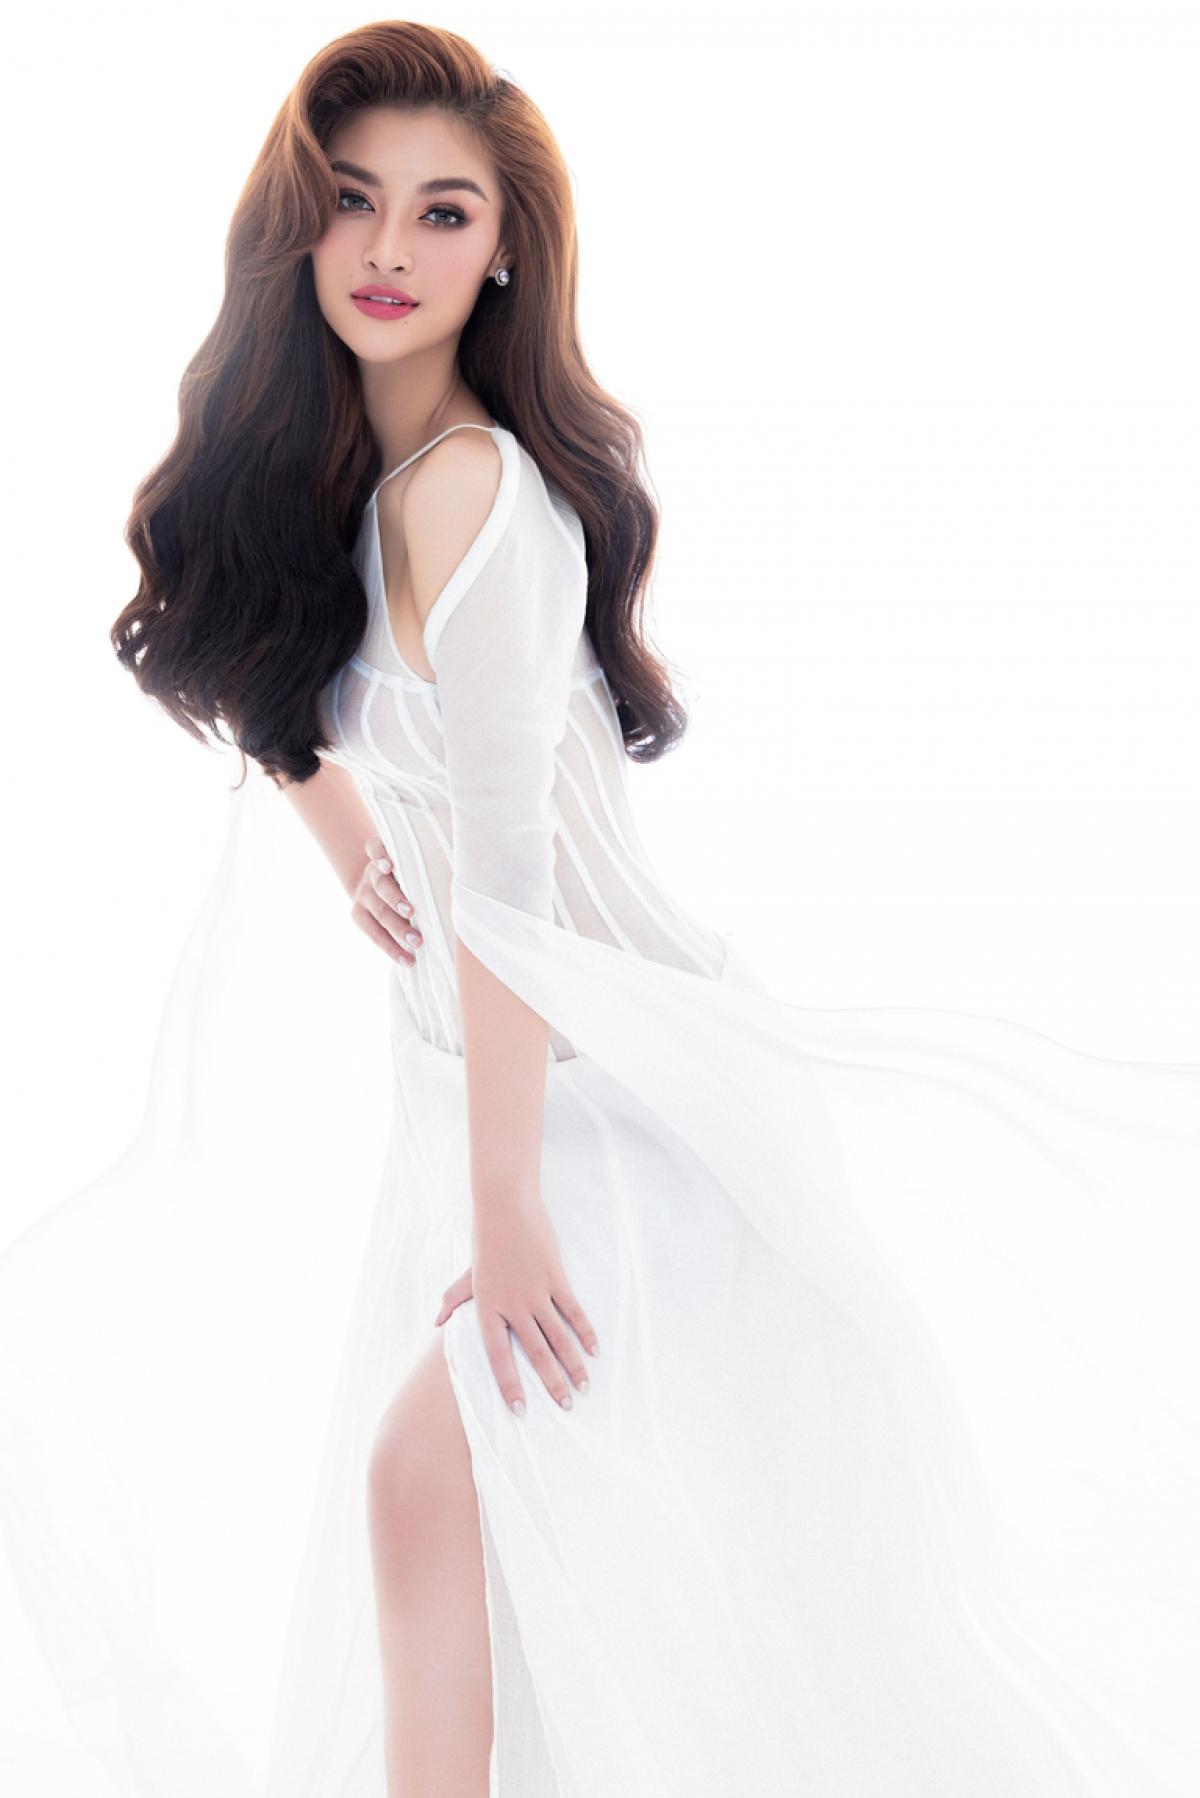 Có thể nói, người đẹp Quảng Nam là một trong số ít nàng hậu hiếm hoi có hoạt động nghệ thuật không ngừng nghỉ sau đăng quang.